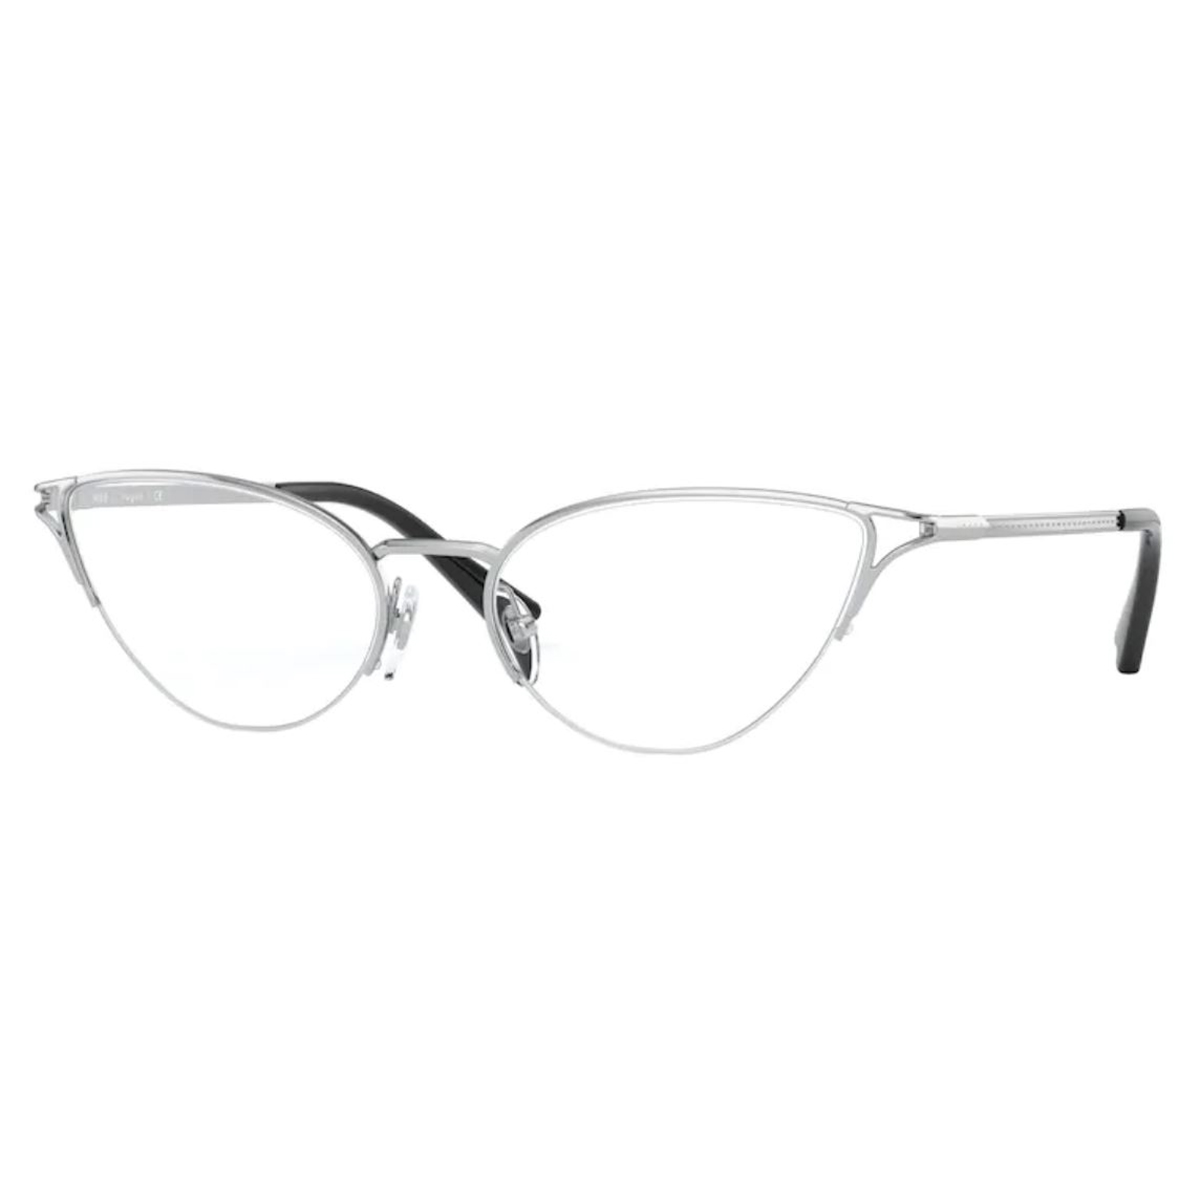 Óculos de Grau Feminino Vogue VO4168 Metal Prata Gatinho